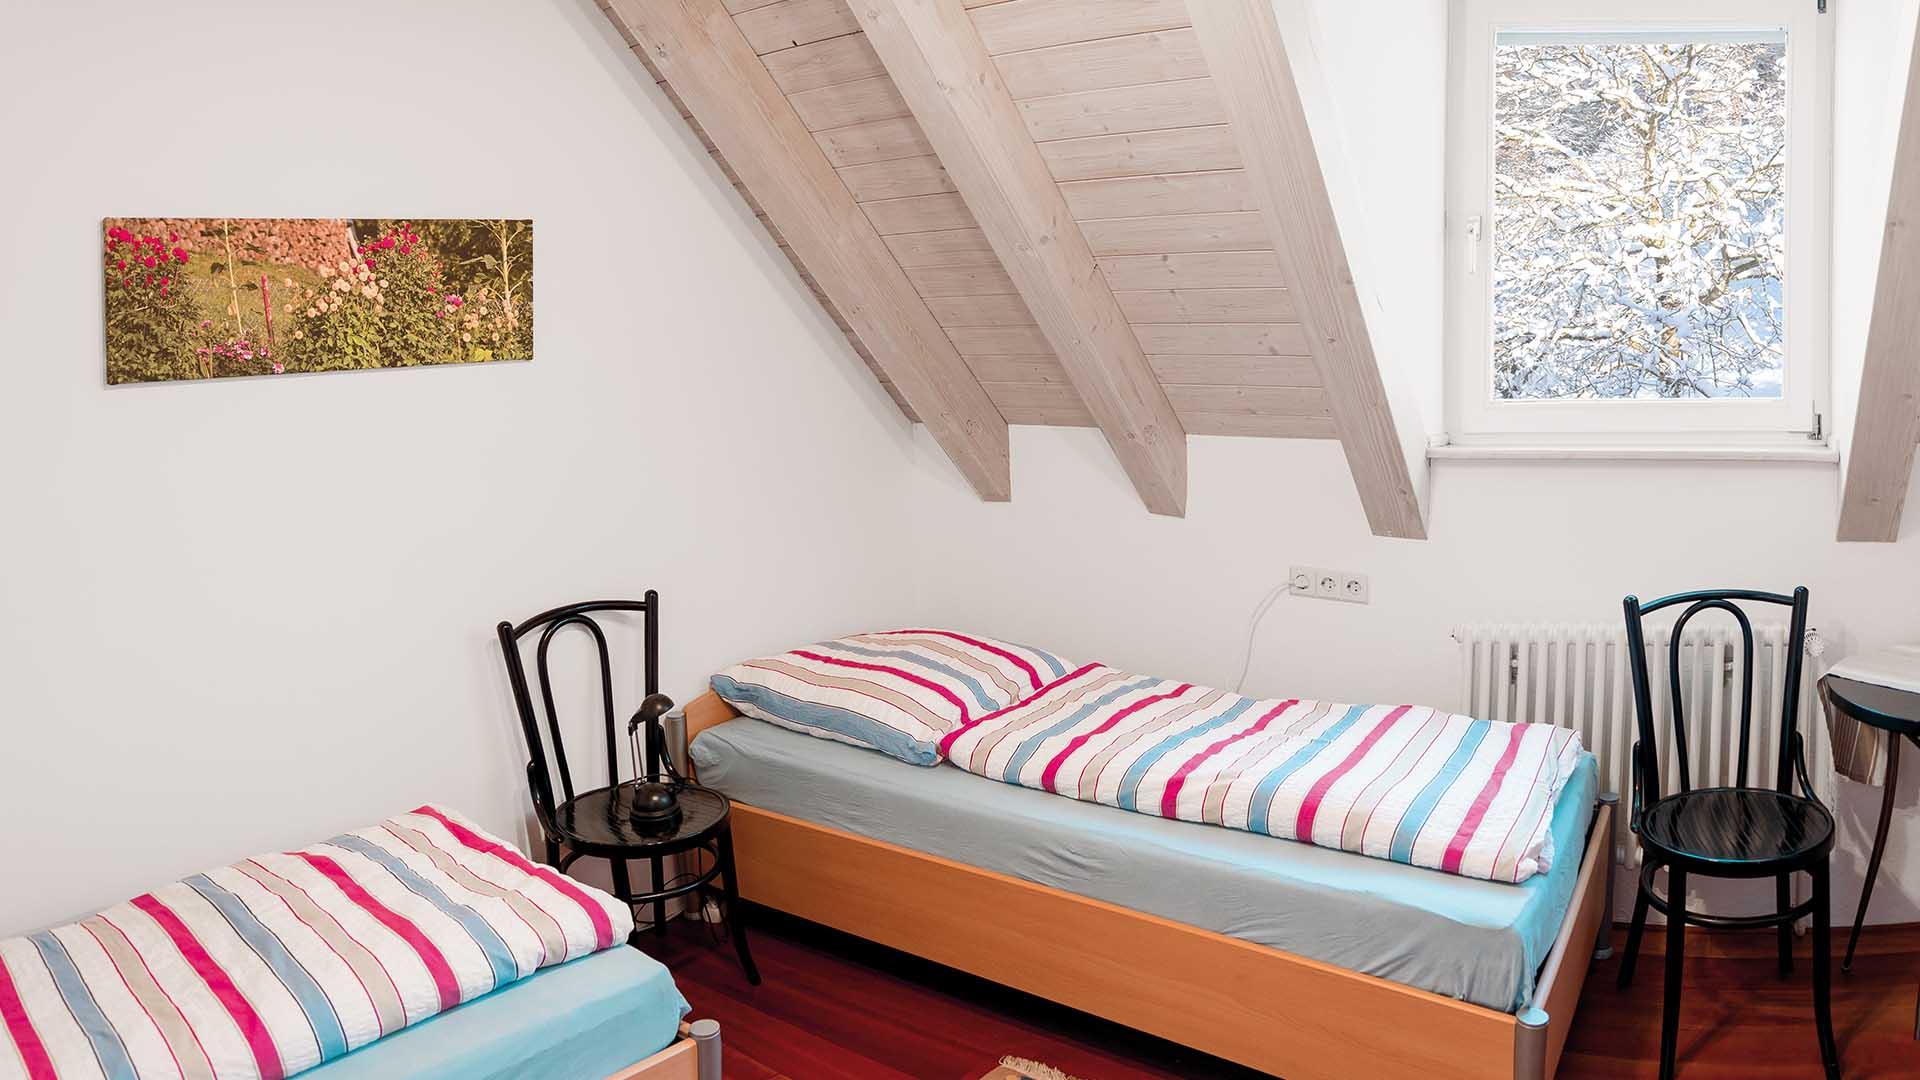 Ferienhaus am Schönwasen - Schlafzimmer Obergeschoss